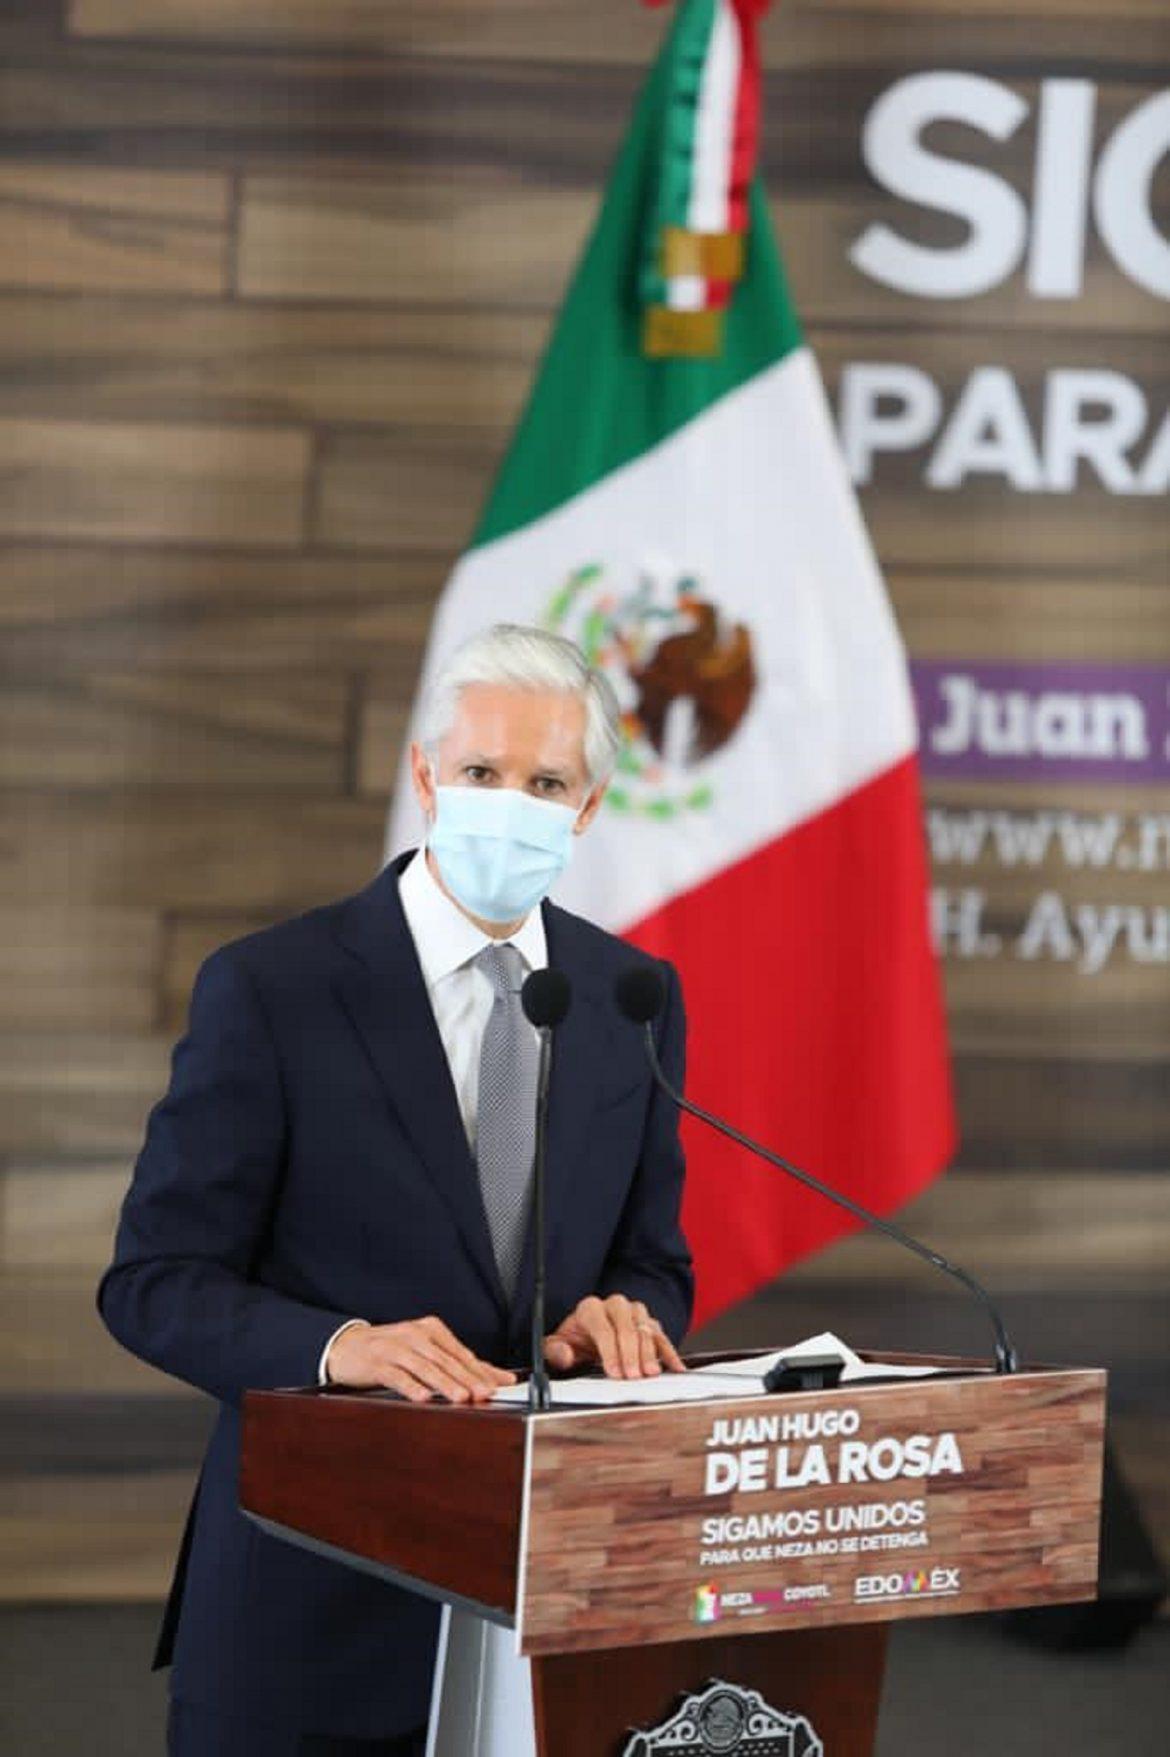 HACE UN LLAMADO ALFREDO DEL MAZO A MEXIQUENSES A NO BAJAR LA GUARDIA ANTE CRECIMIENTO DE CONTAGIOS POR COVID-19 Y EVITAR RESTRINGIR ACTIVIDADES Y MOVILIDAD